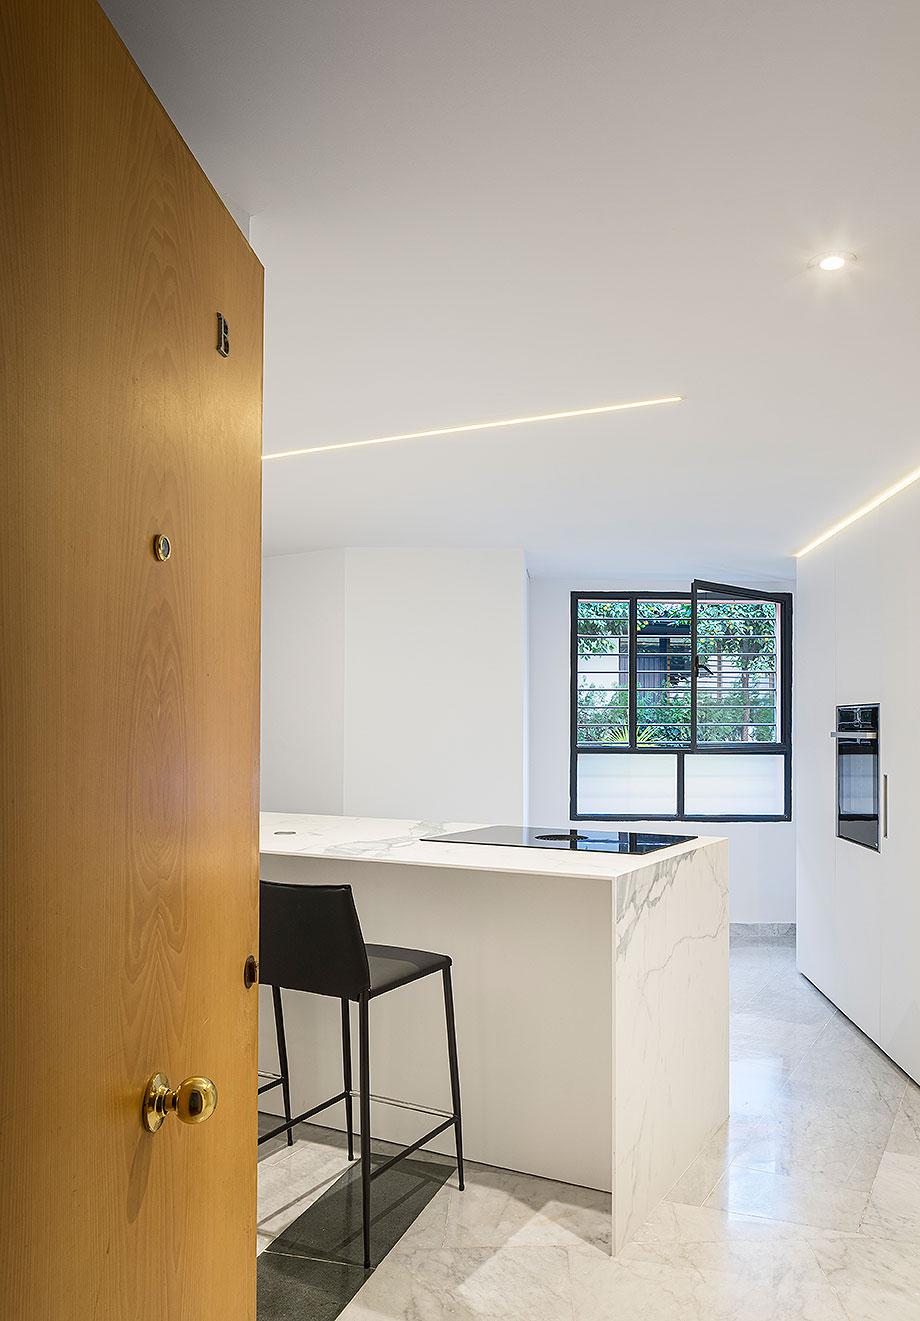 cocina blanca en sevilla de cocinel-la (1) - foto juanca lagares